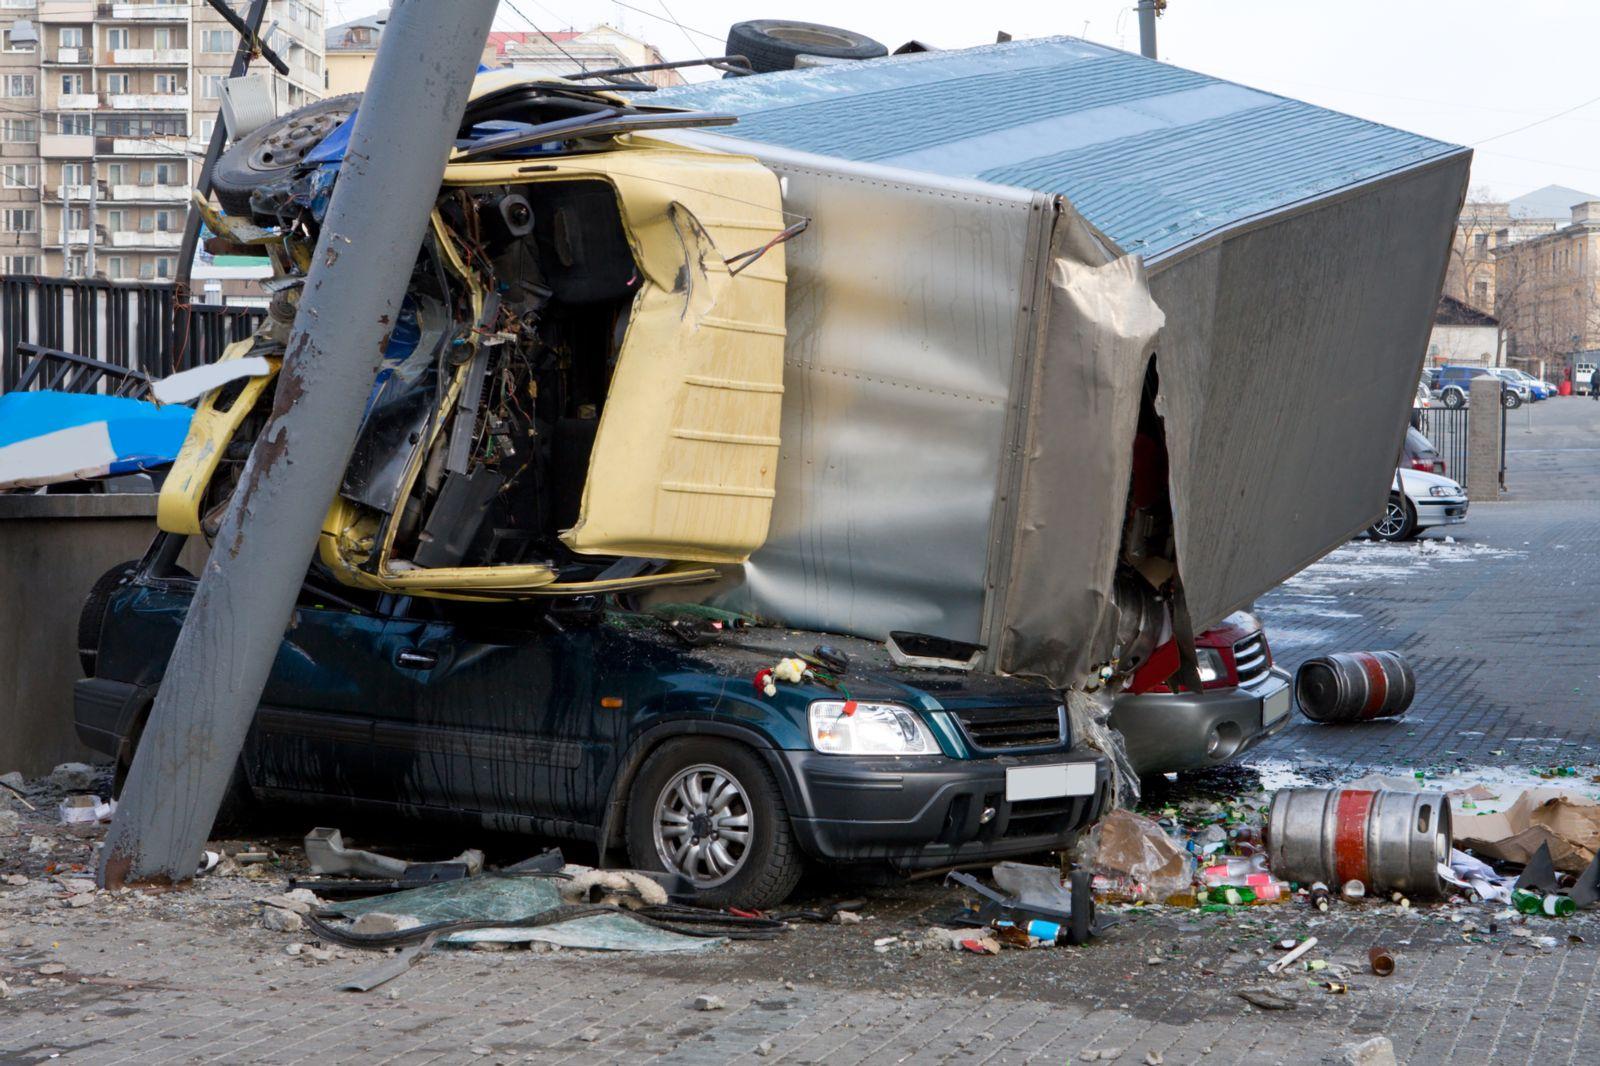 a-truck-smashing-a-vehicle